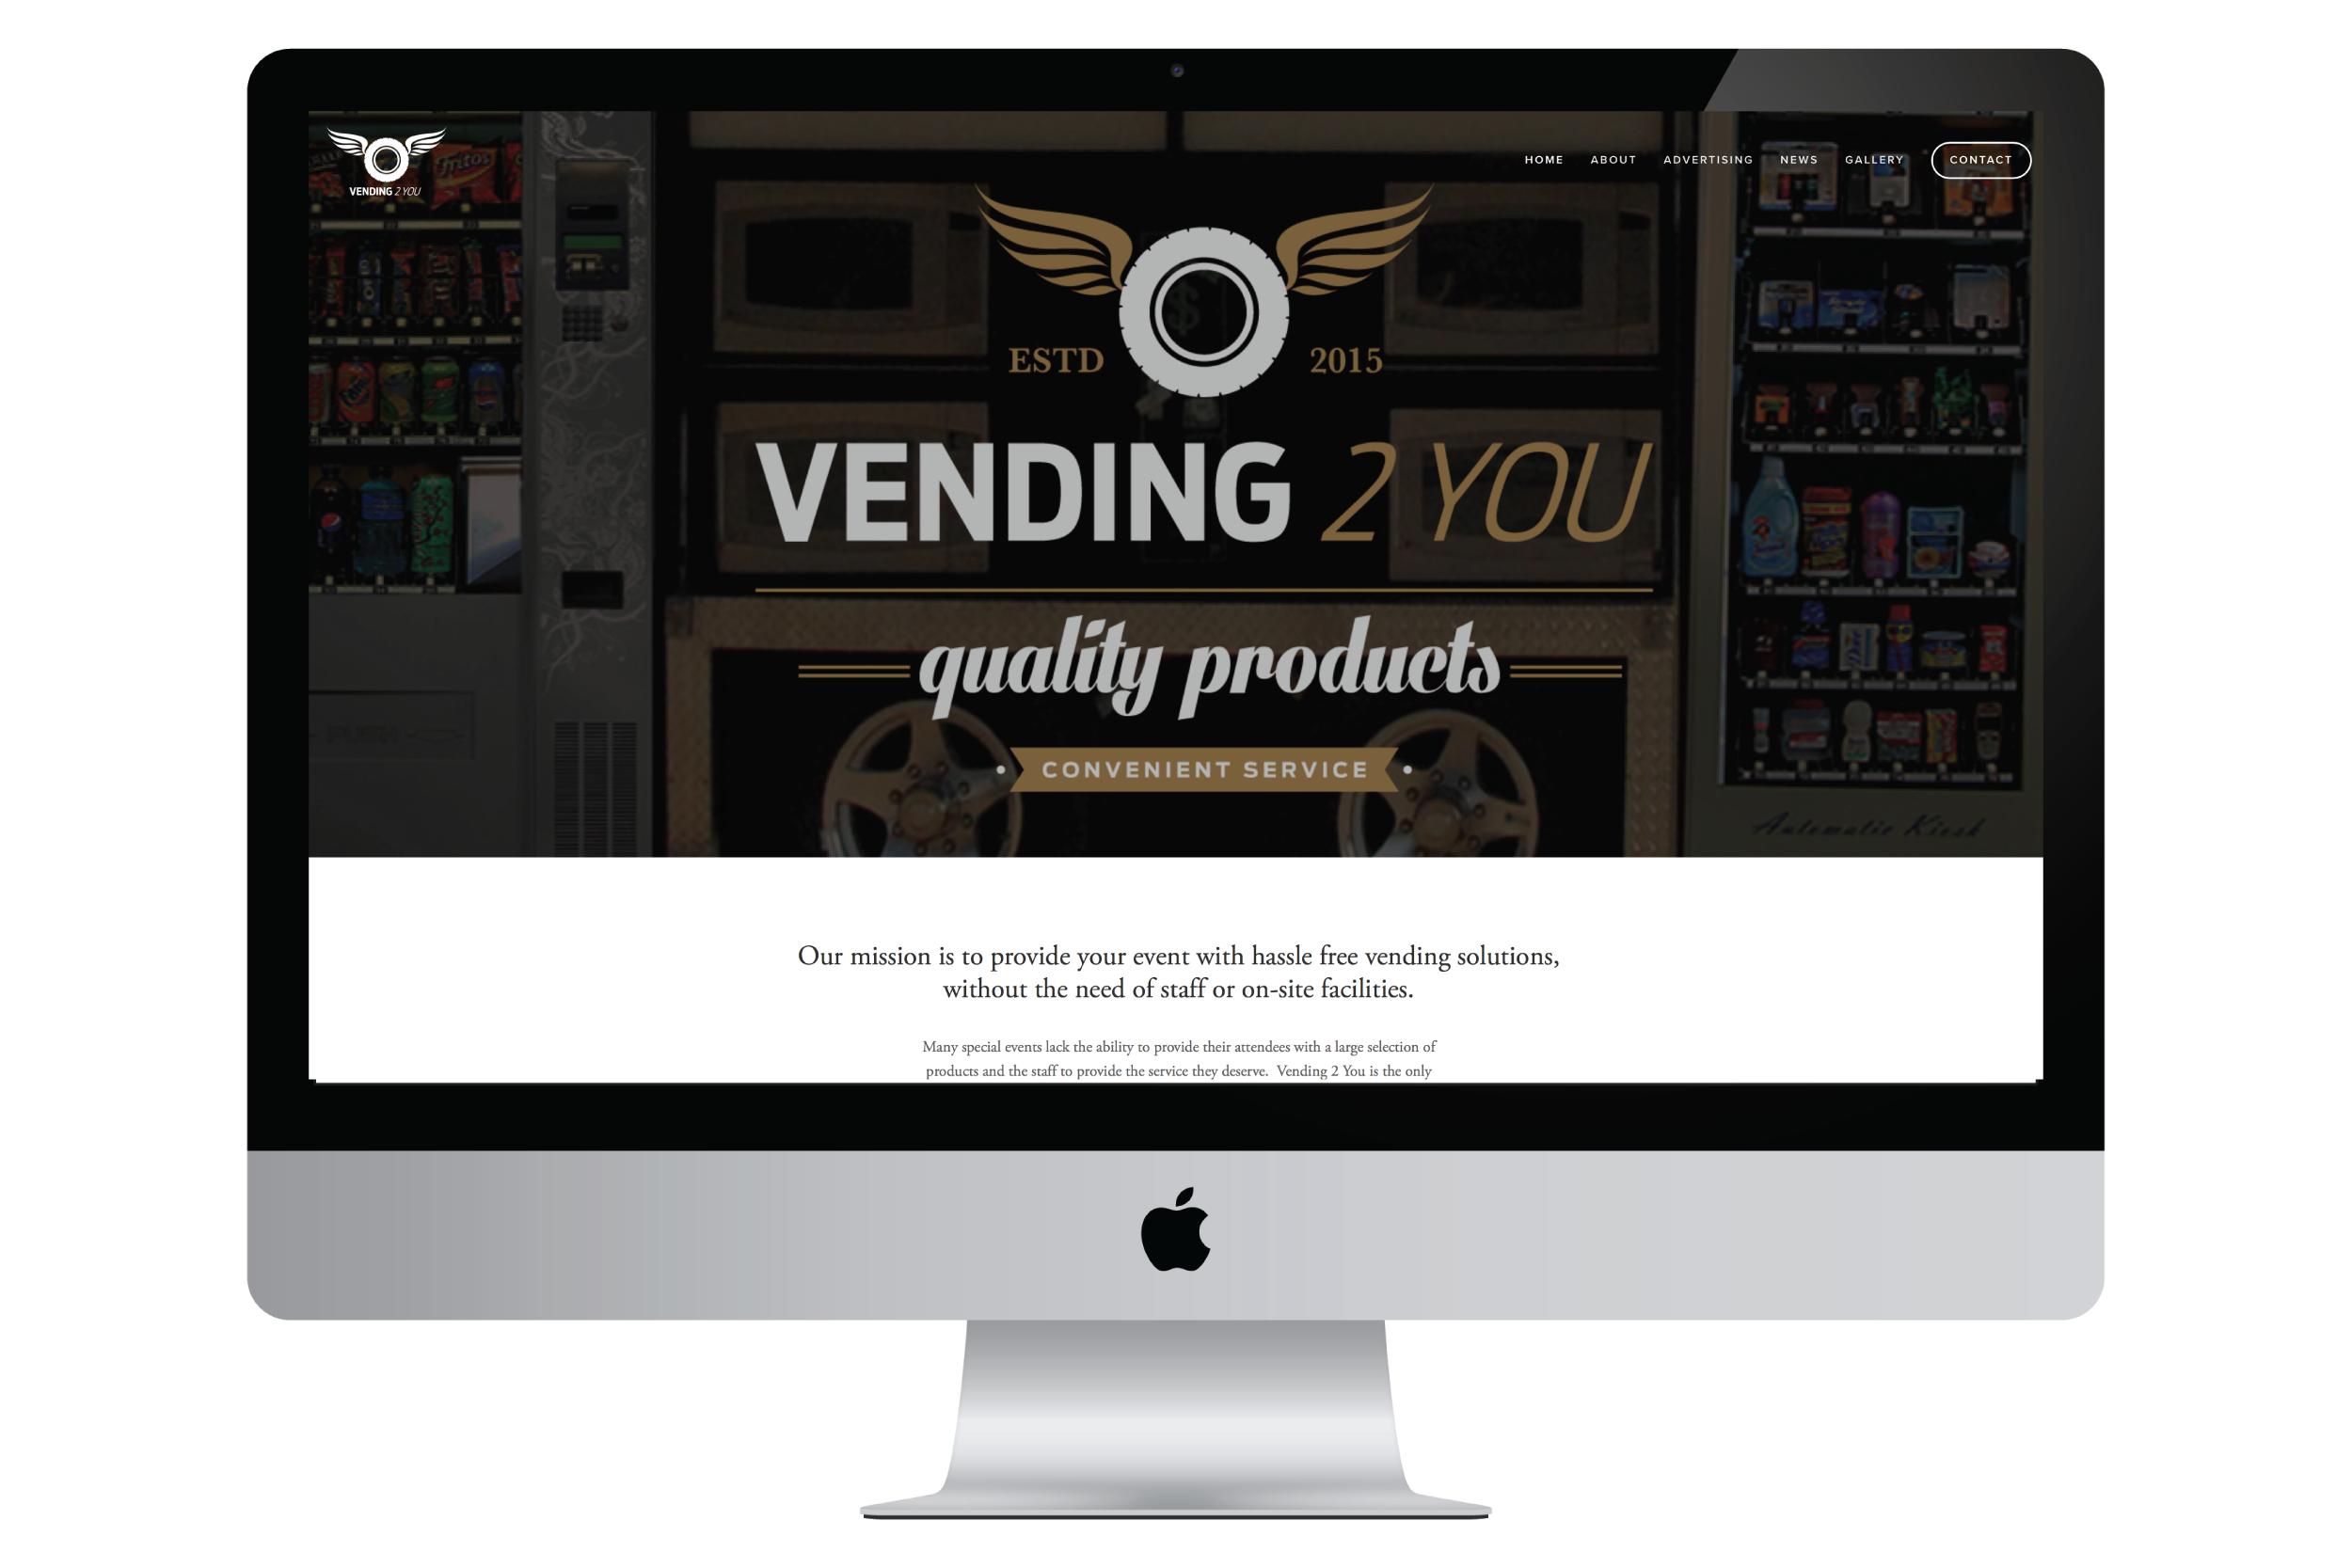 V2U_Website_Image.png